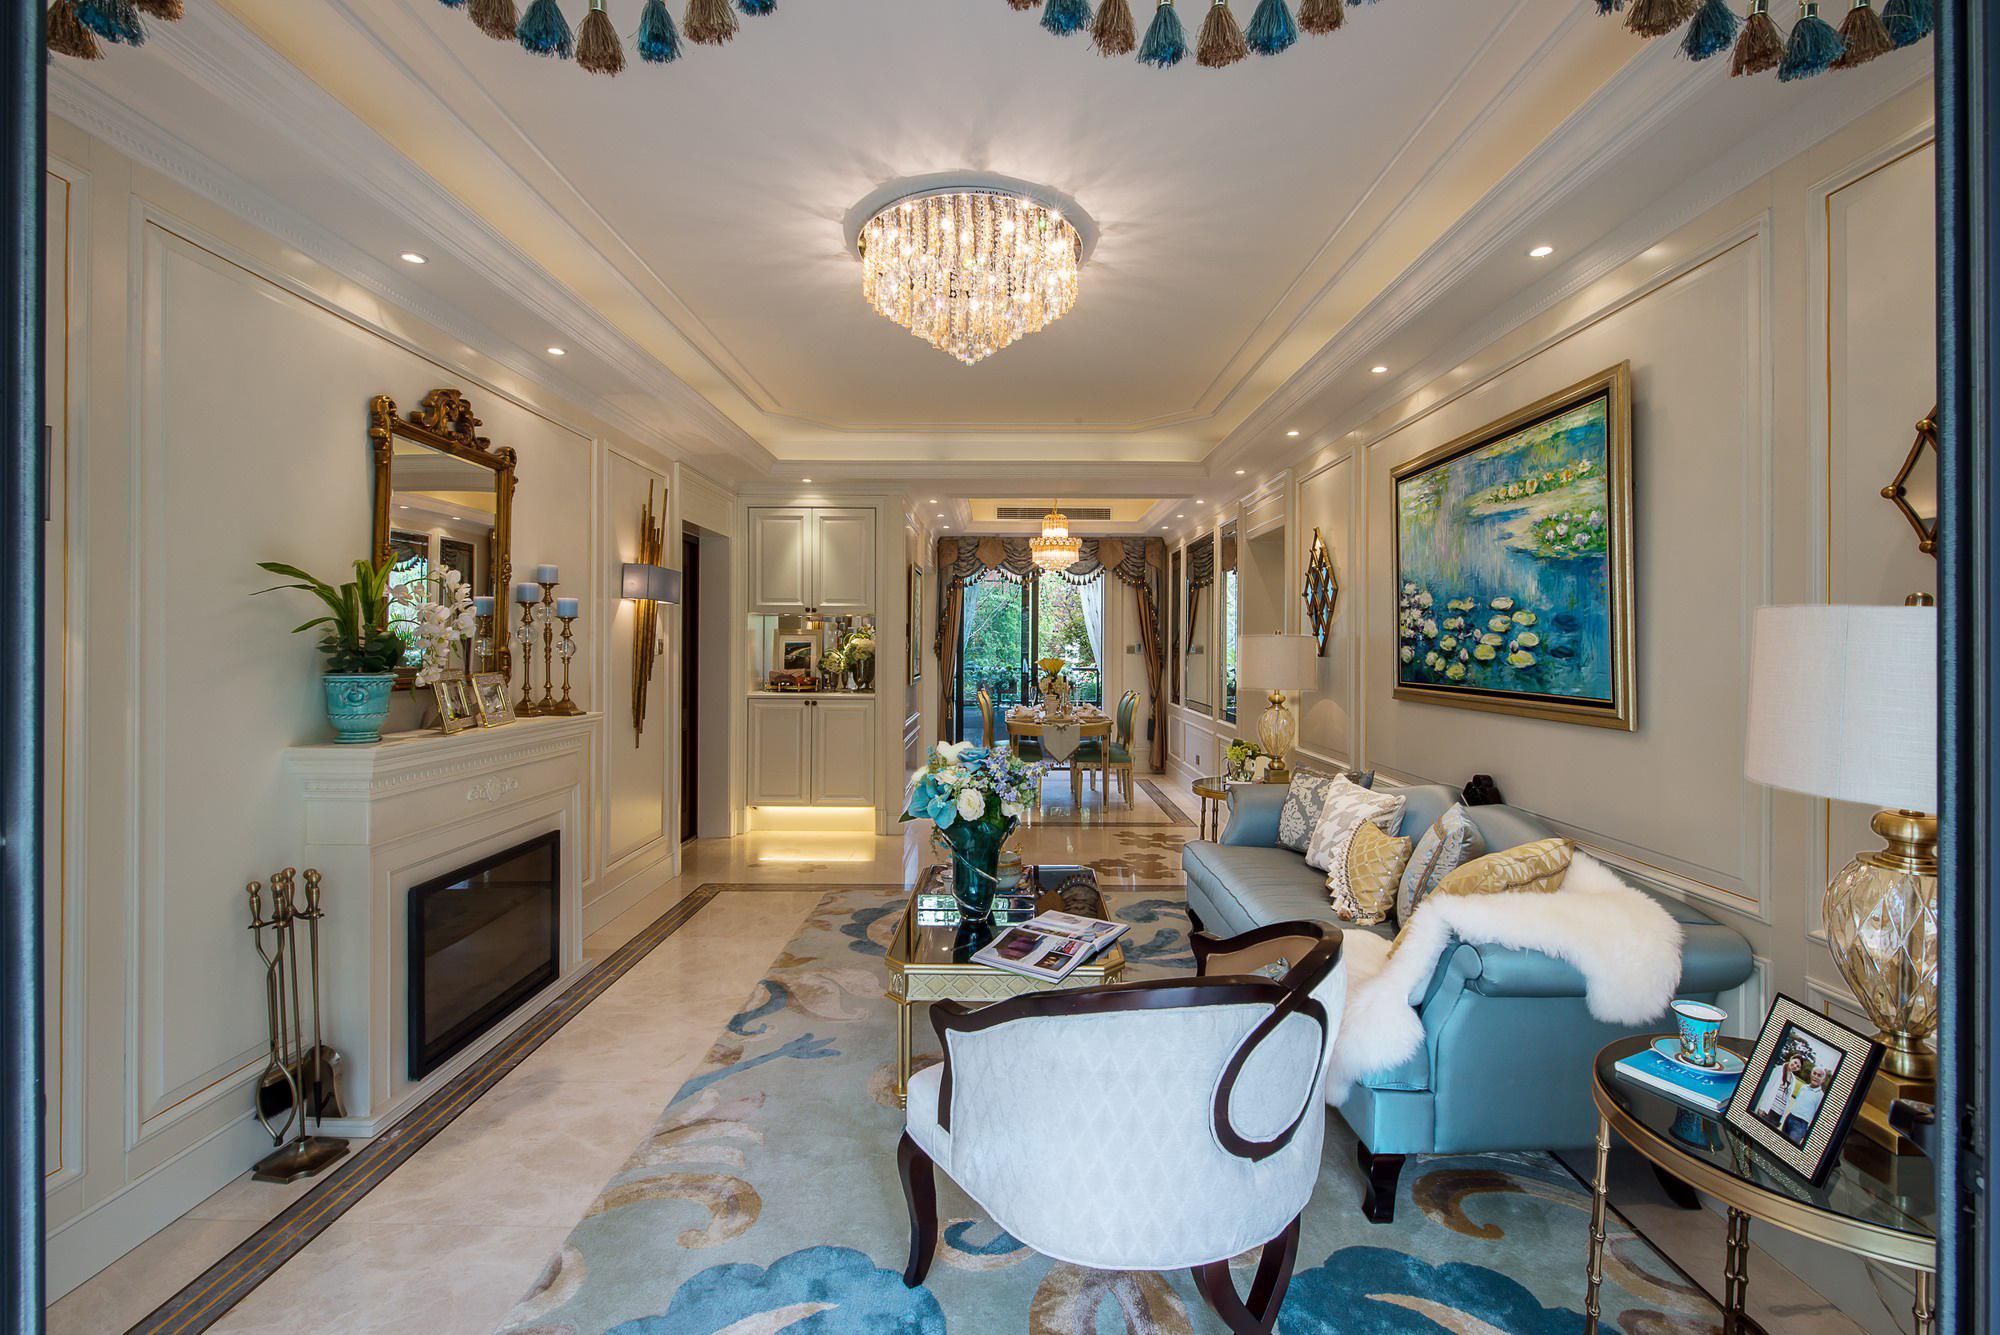 豪华美式风格别墅客厅装修效果图